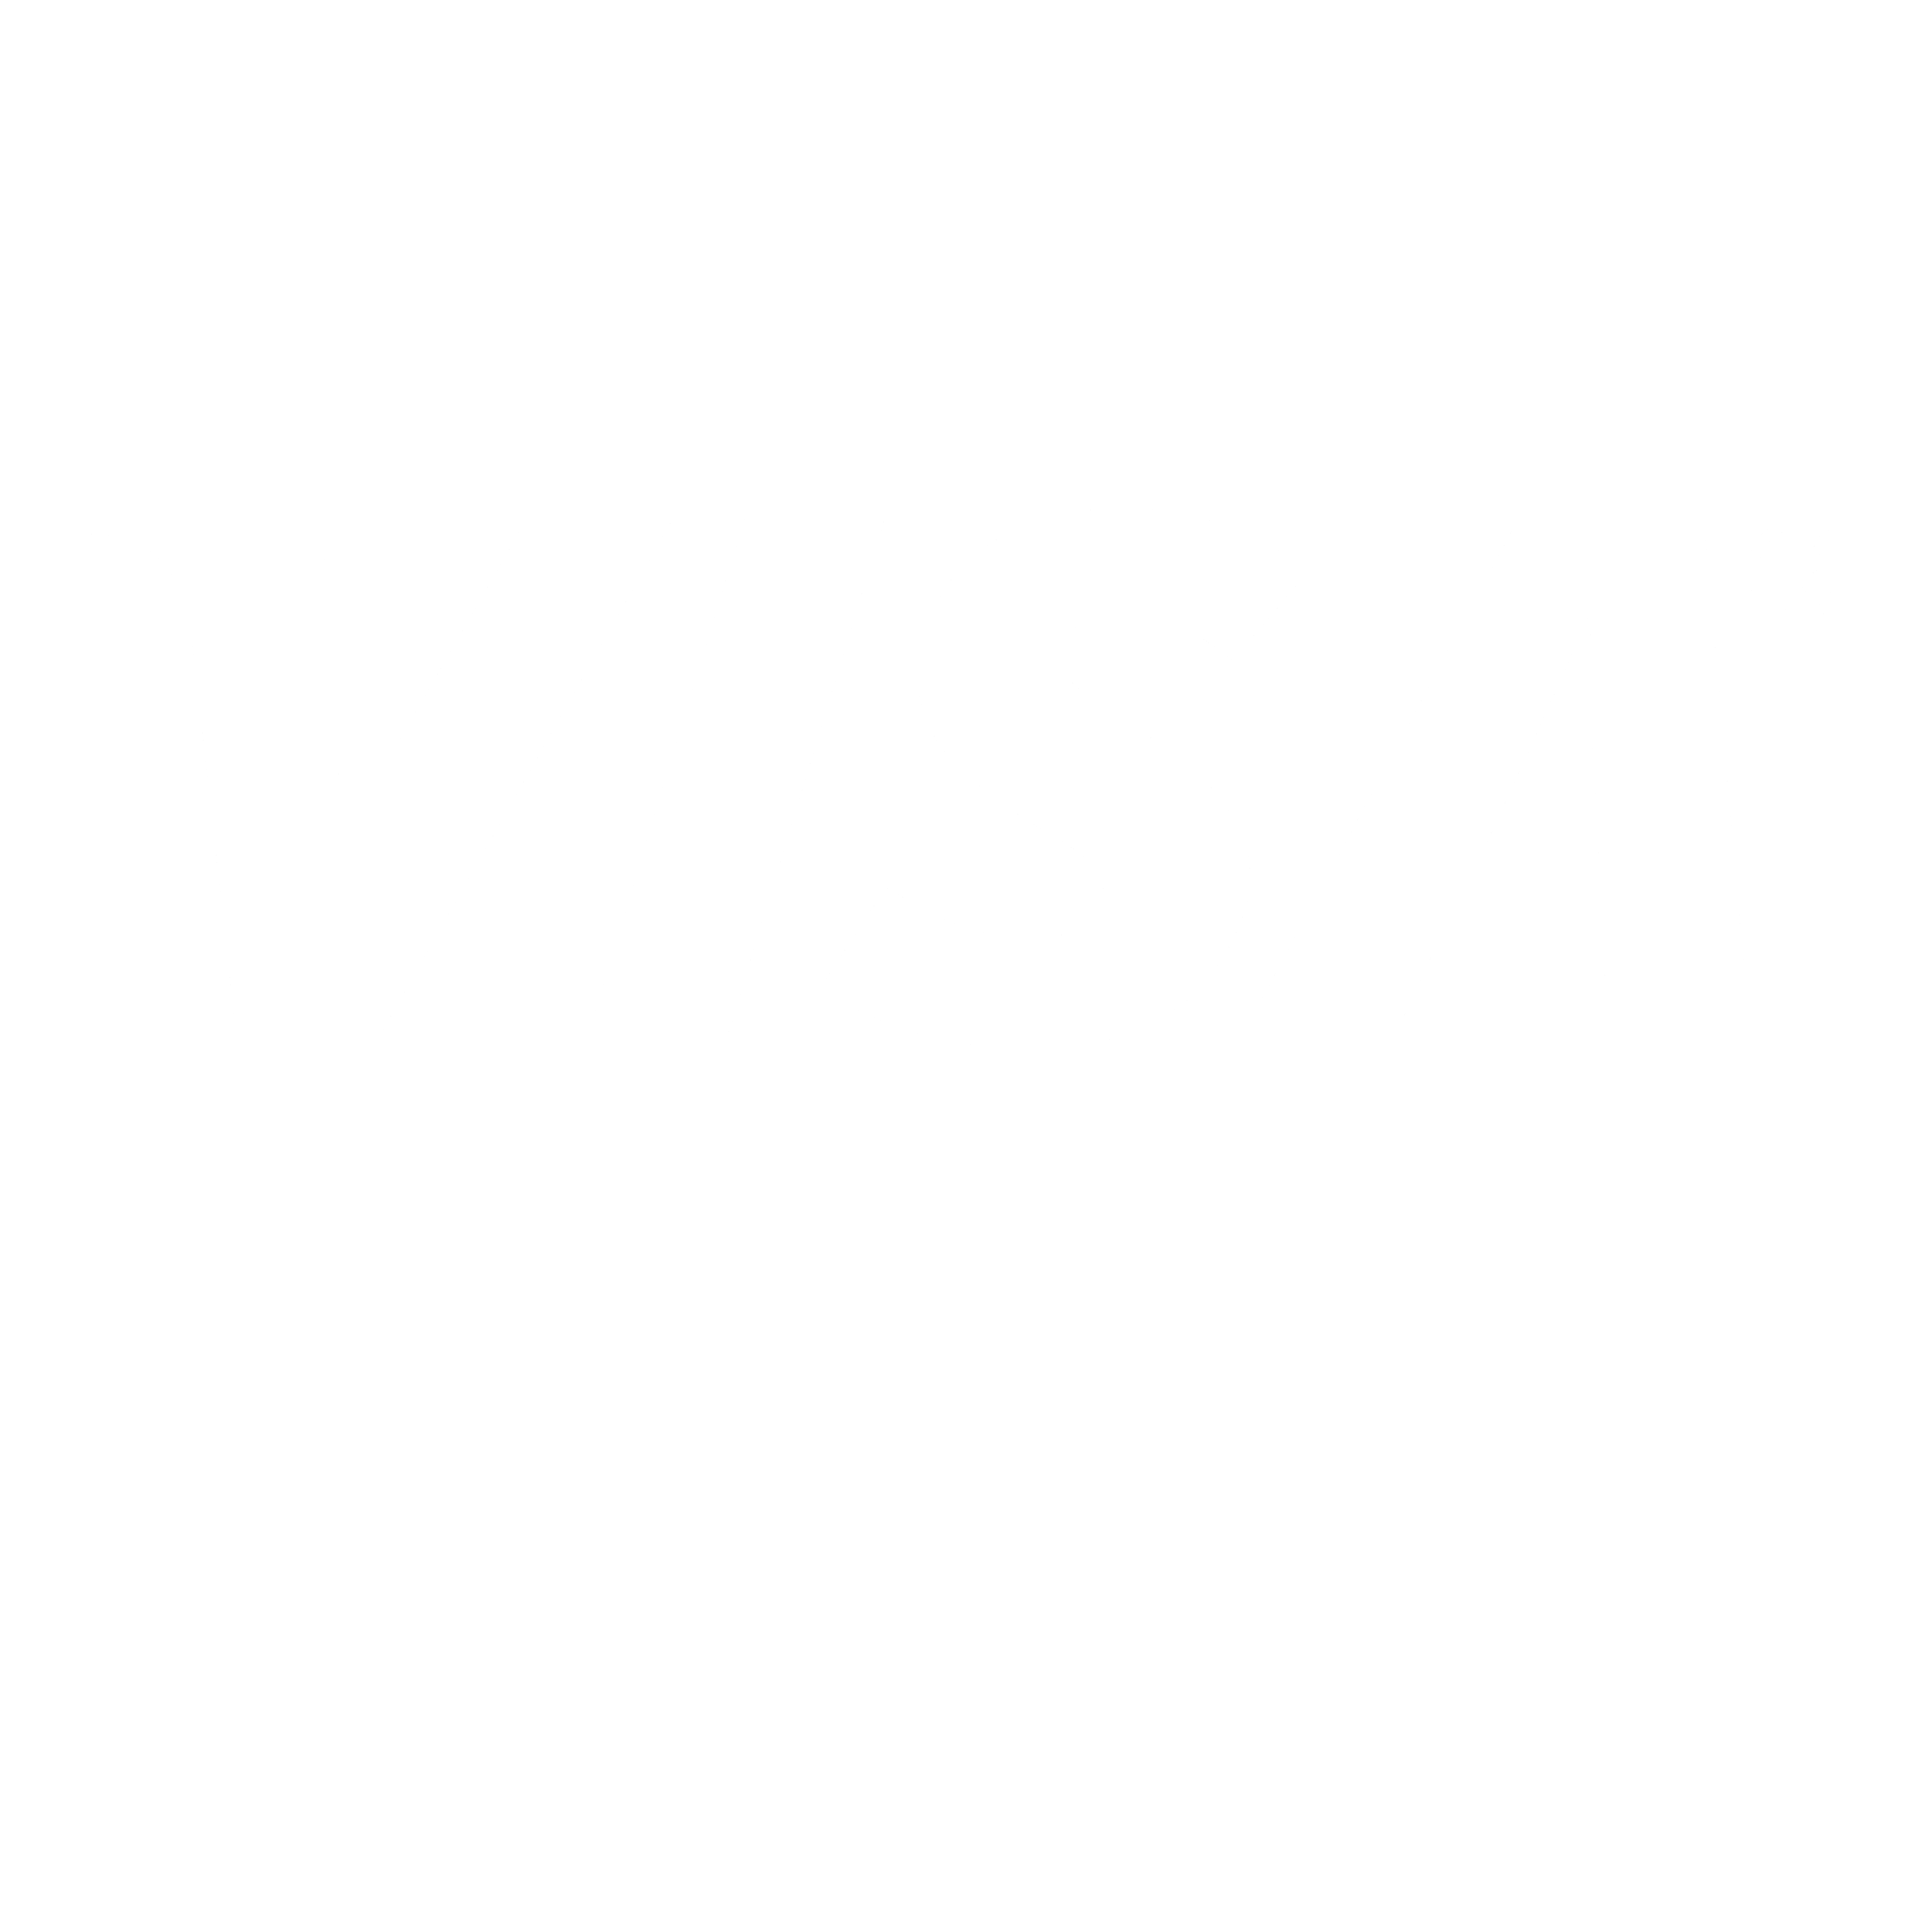 VISA Logo PNG Transparent & SVG Vector.